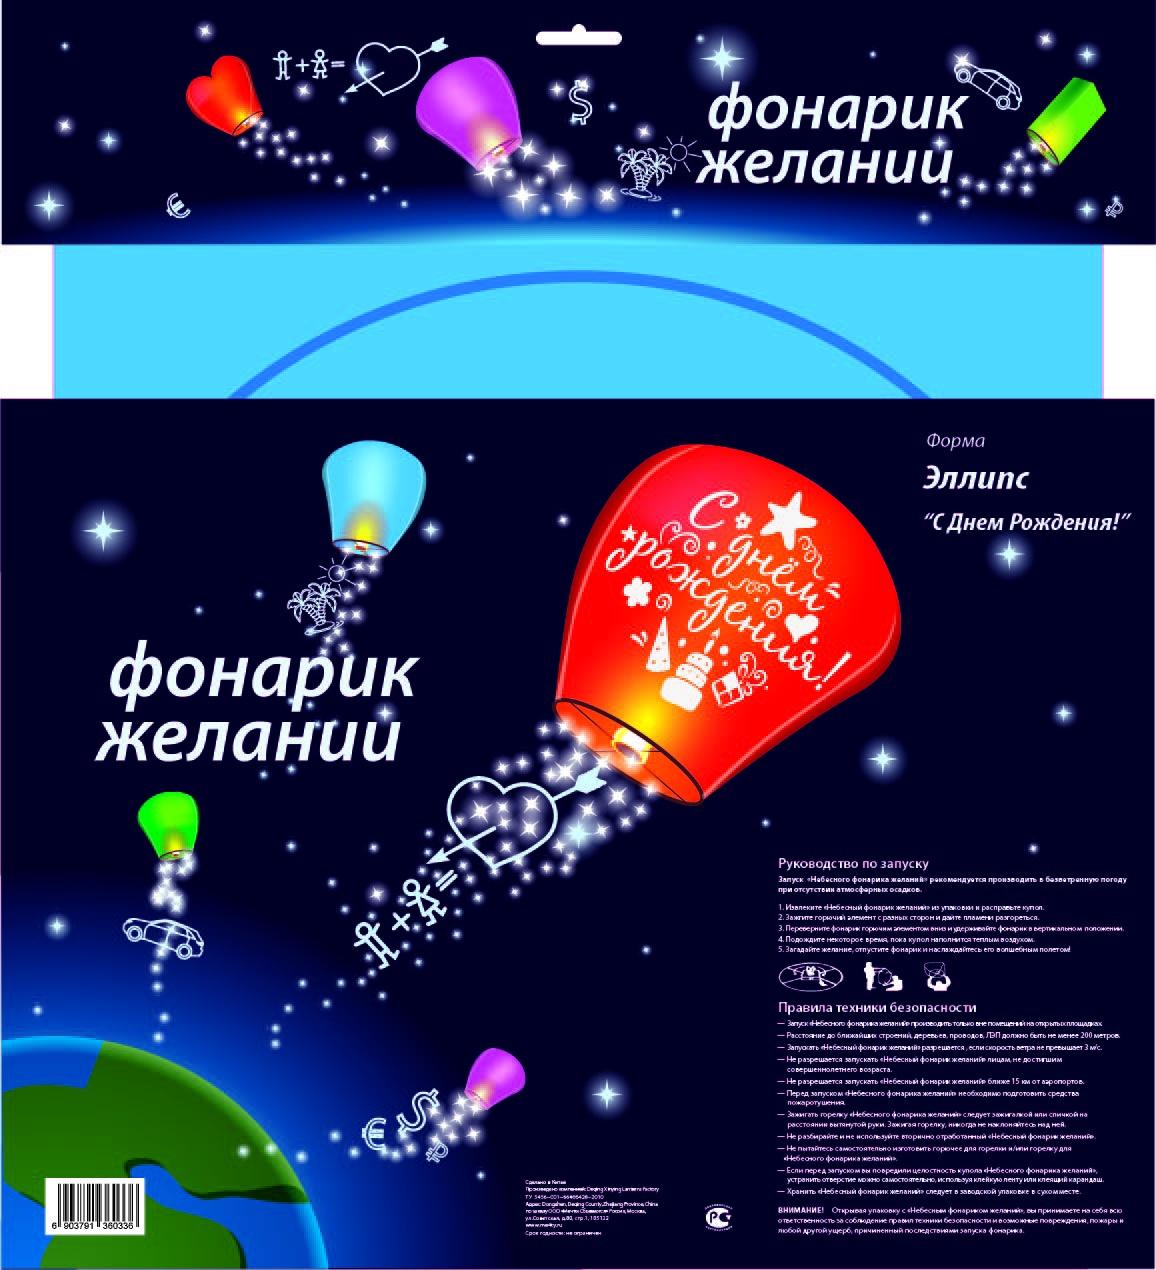 Бумажный фонарик эллипс С днем рождения, голубой небесный фонарик желаний nebofon сердце 2d pink